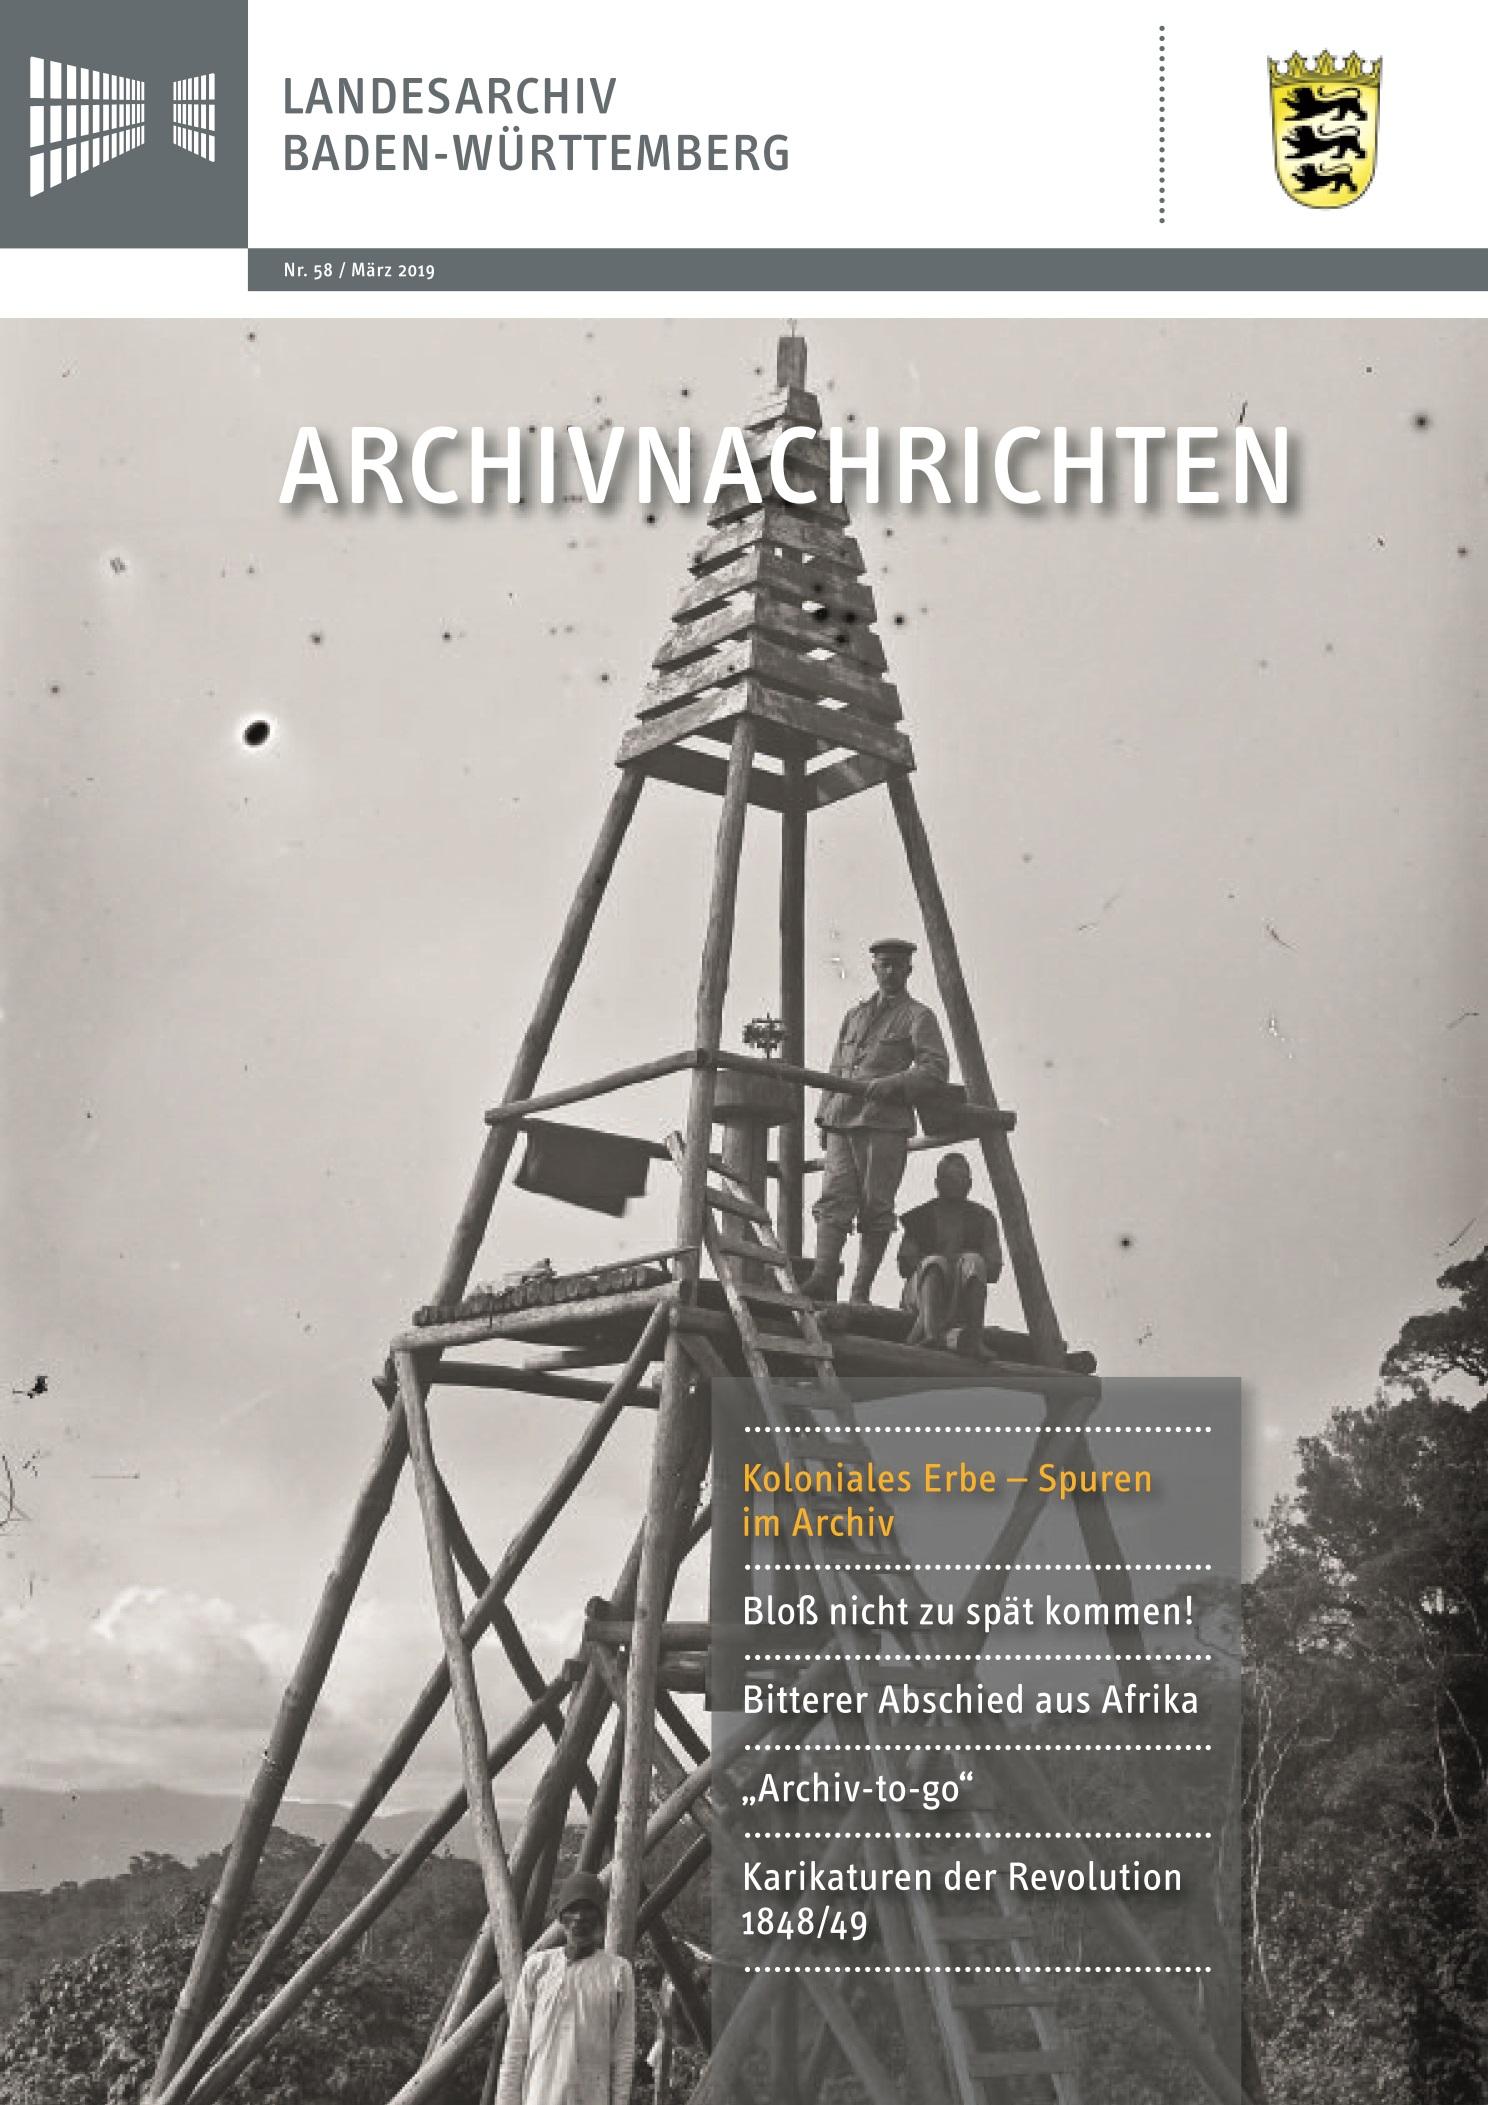 Aktuelles Heft der Archivnachrichten des Landesarchivs Baden-Württemberg